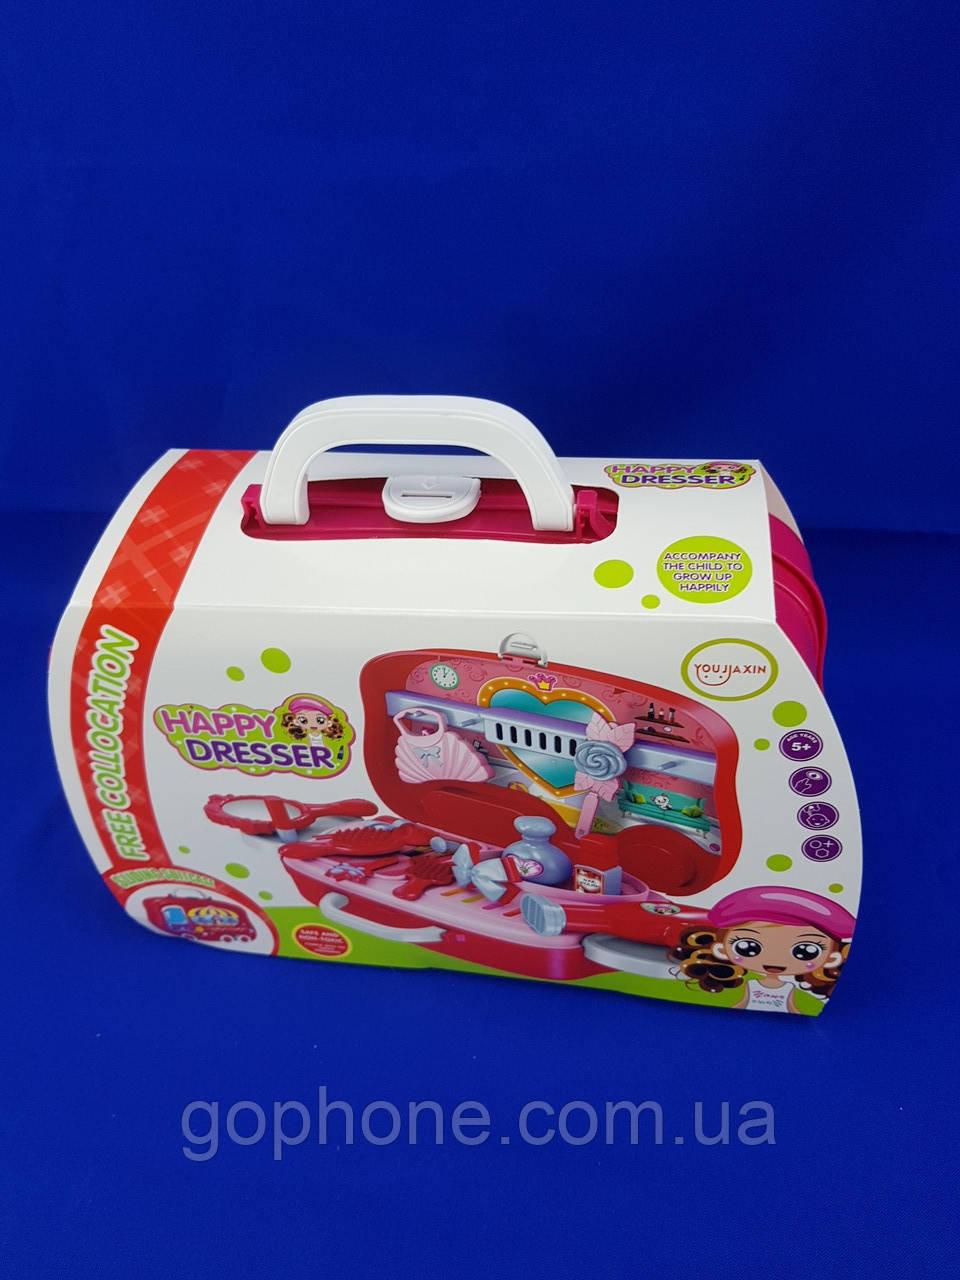 Набор для макияжа Happy Dresser детский с выдвижным чемоданчиком